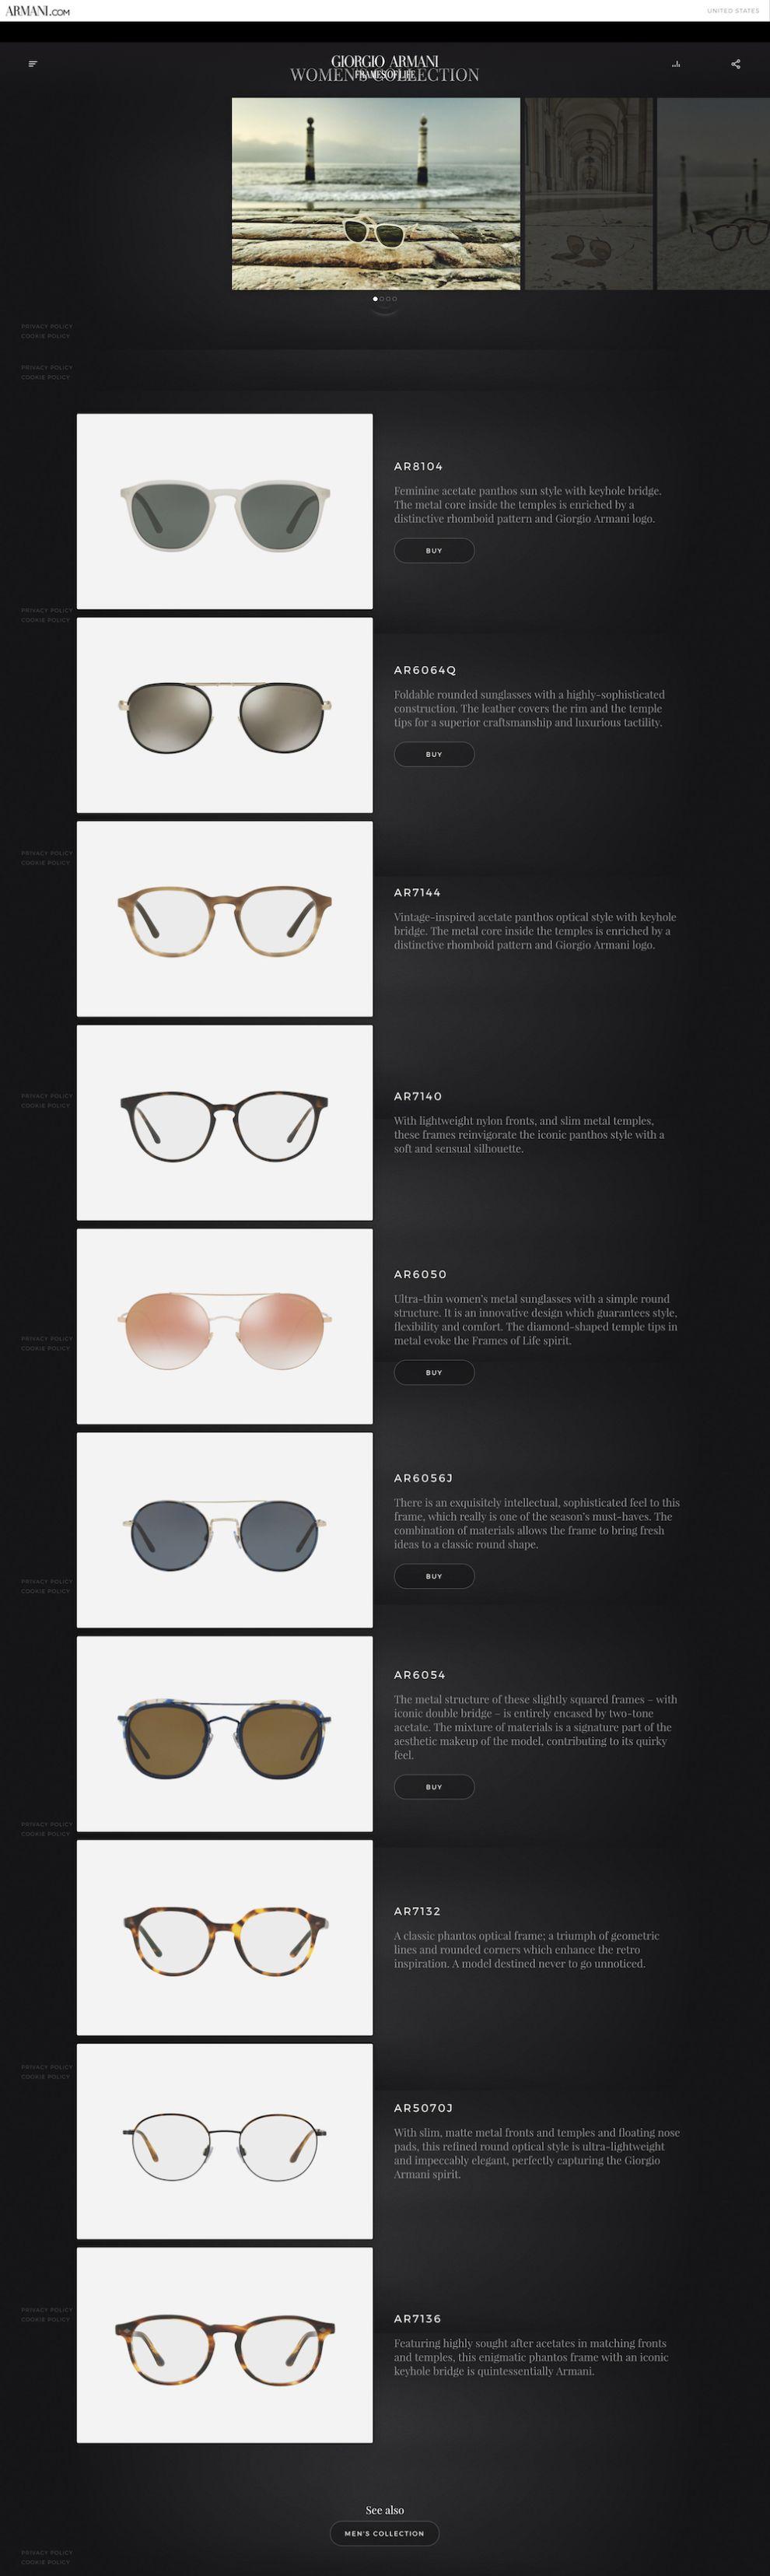 Giorgio Armani — Frames of Life Beautiful Product Page